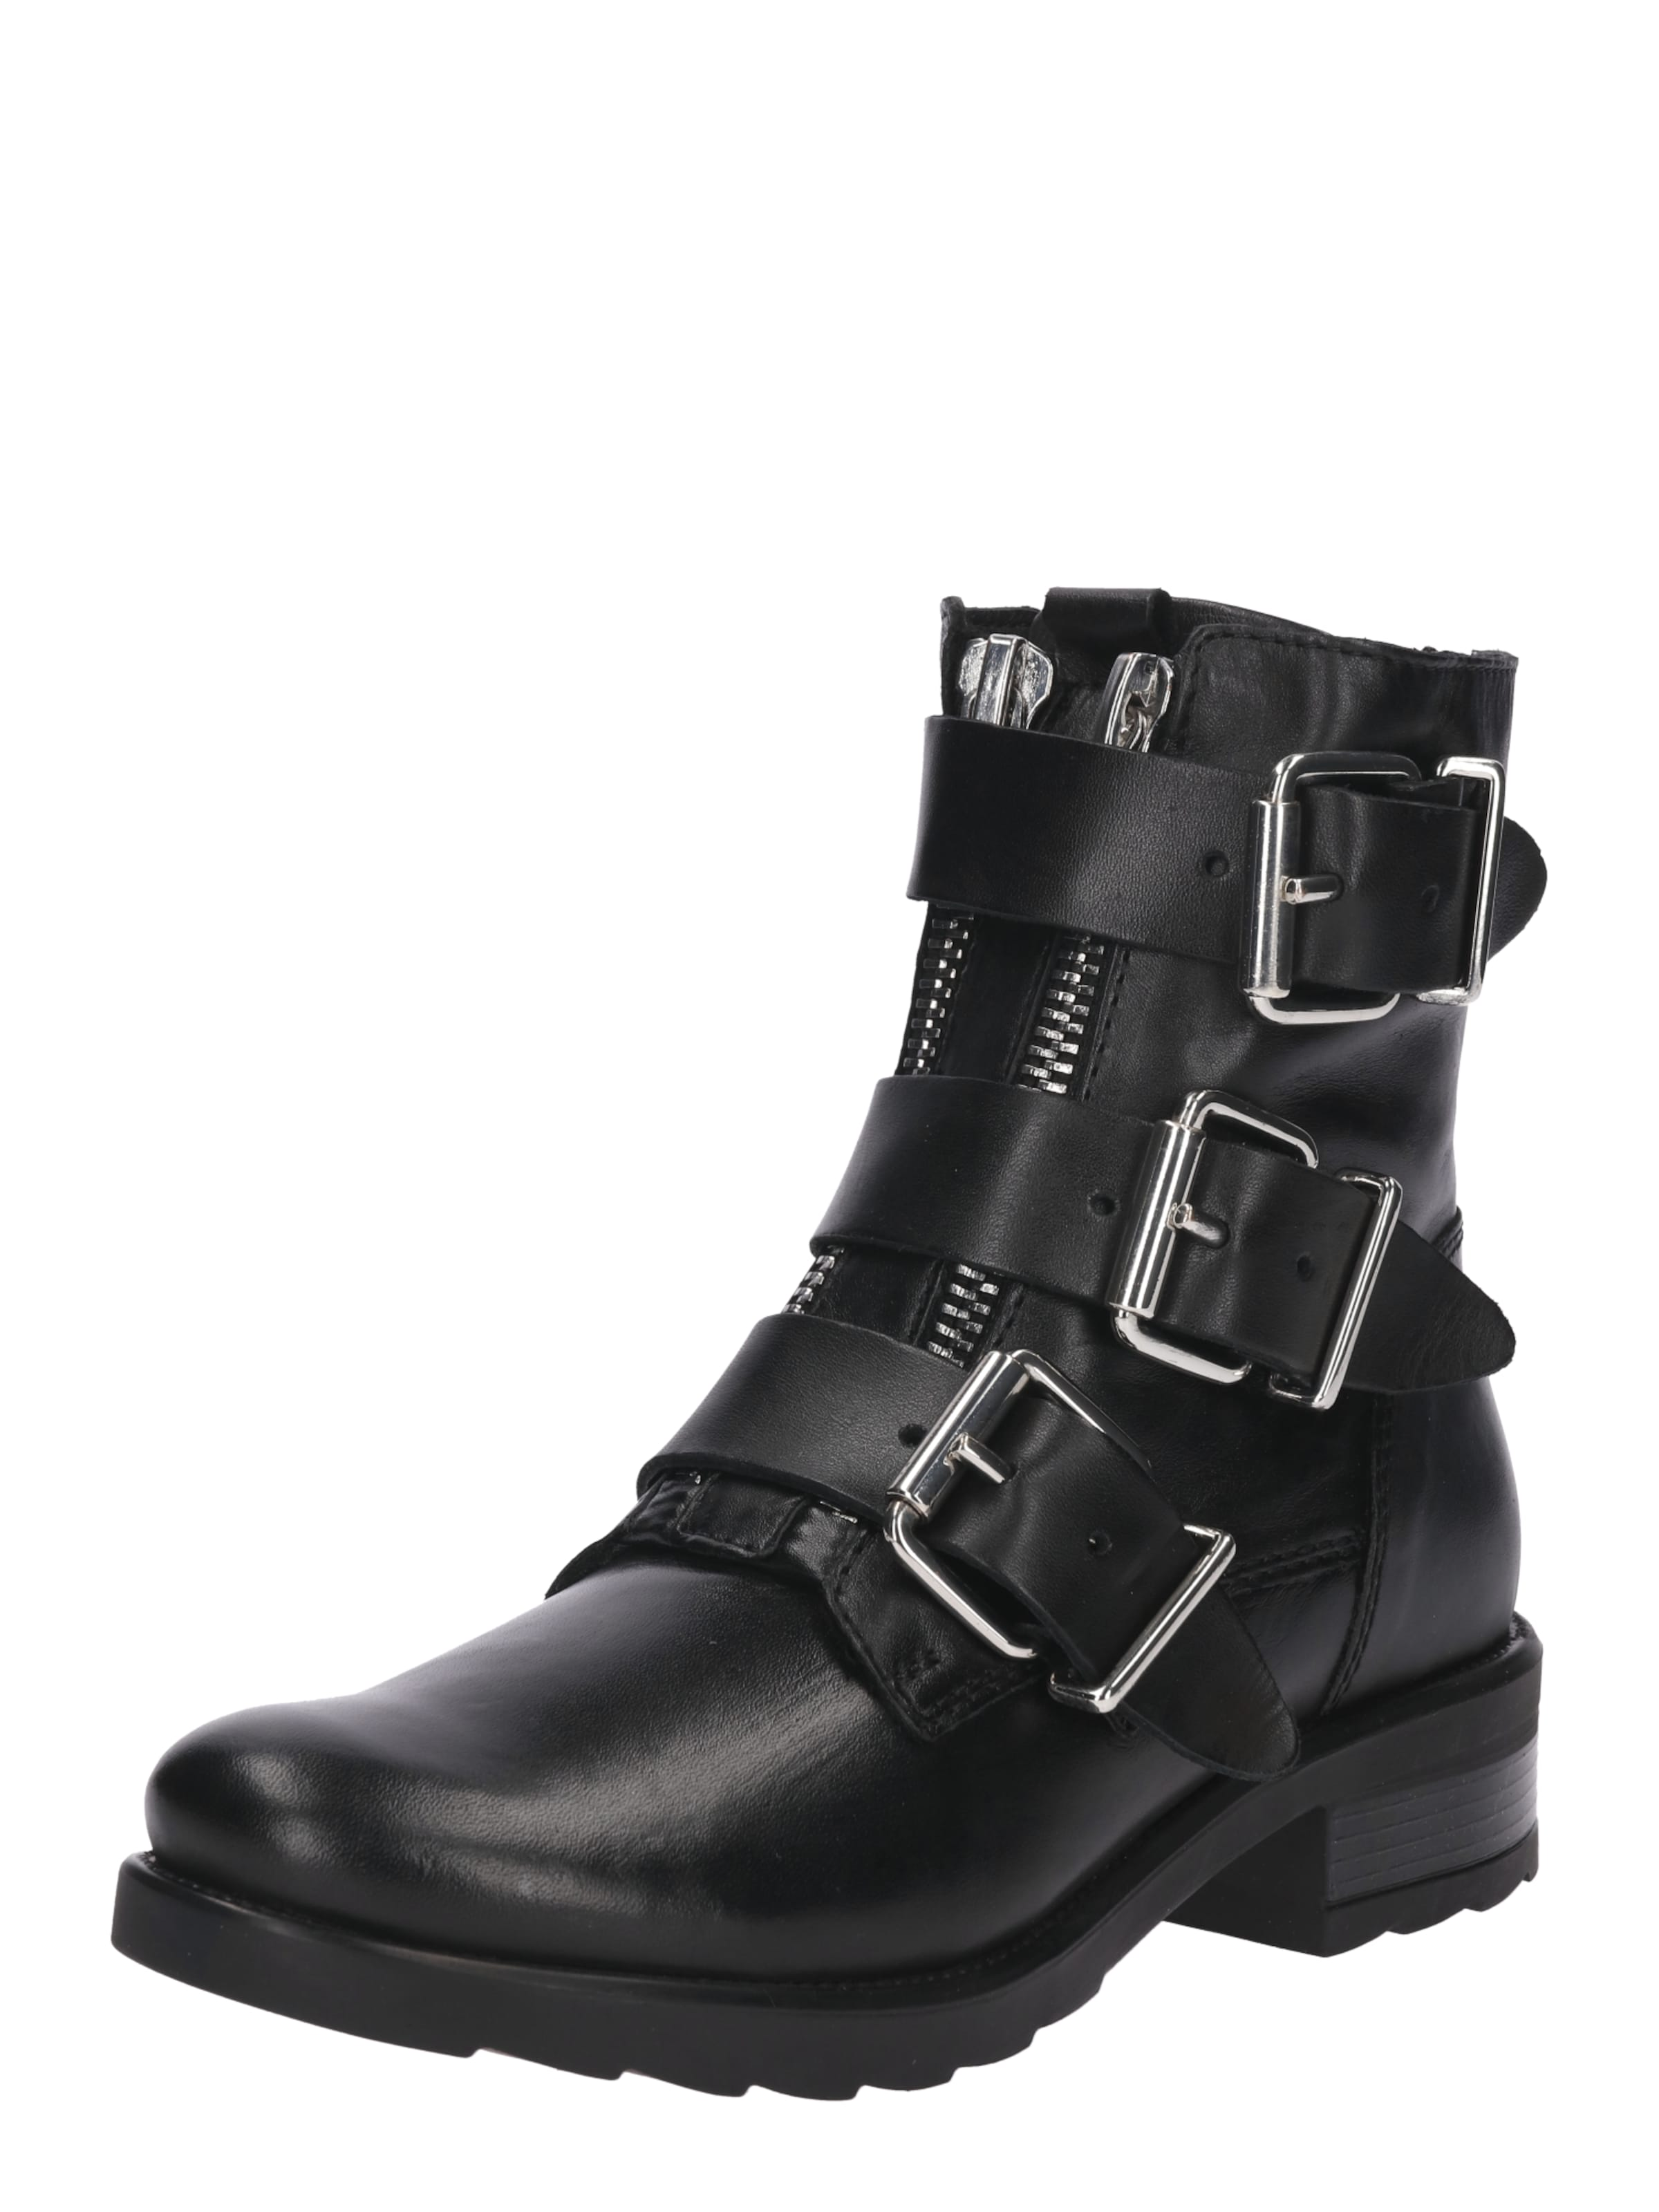 PS Poelman Stiefeletten Verschleißfeste billige Schuhe